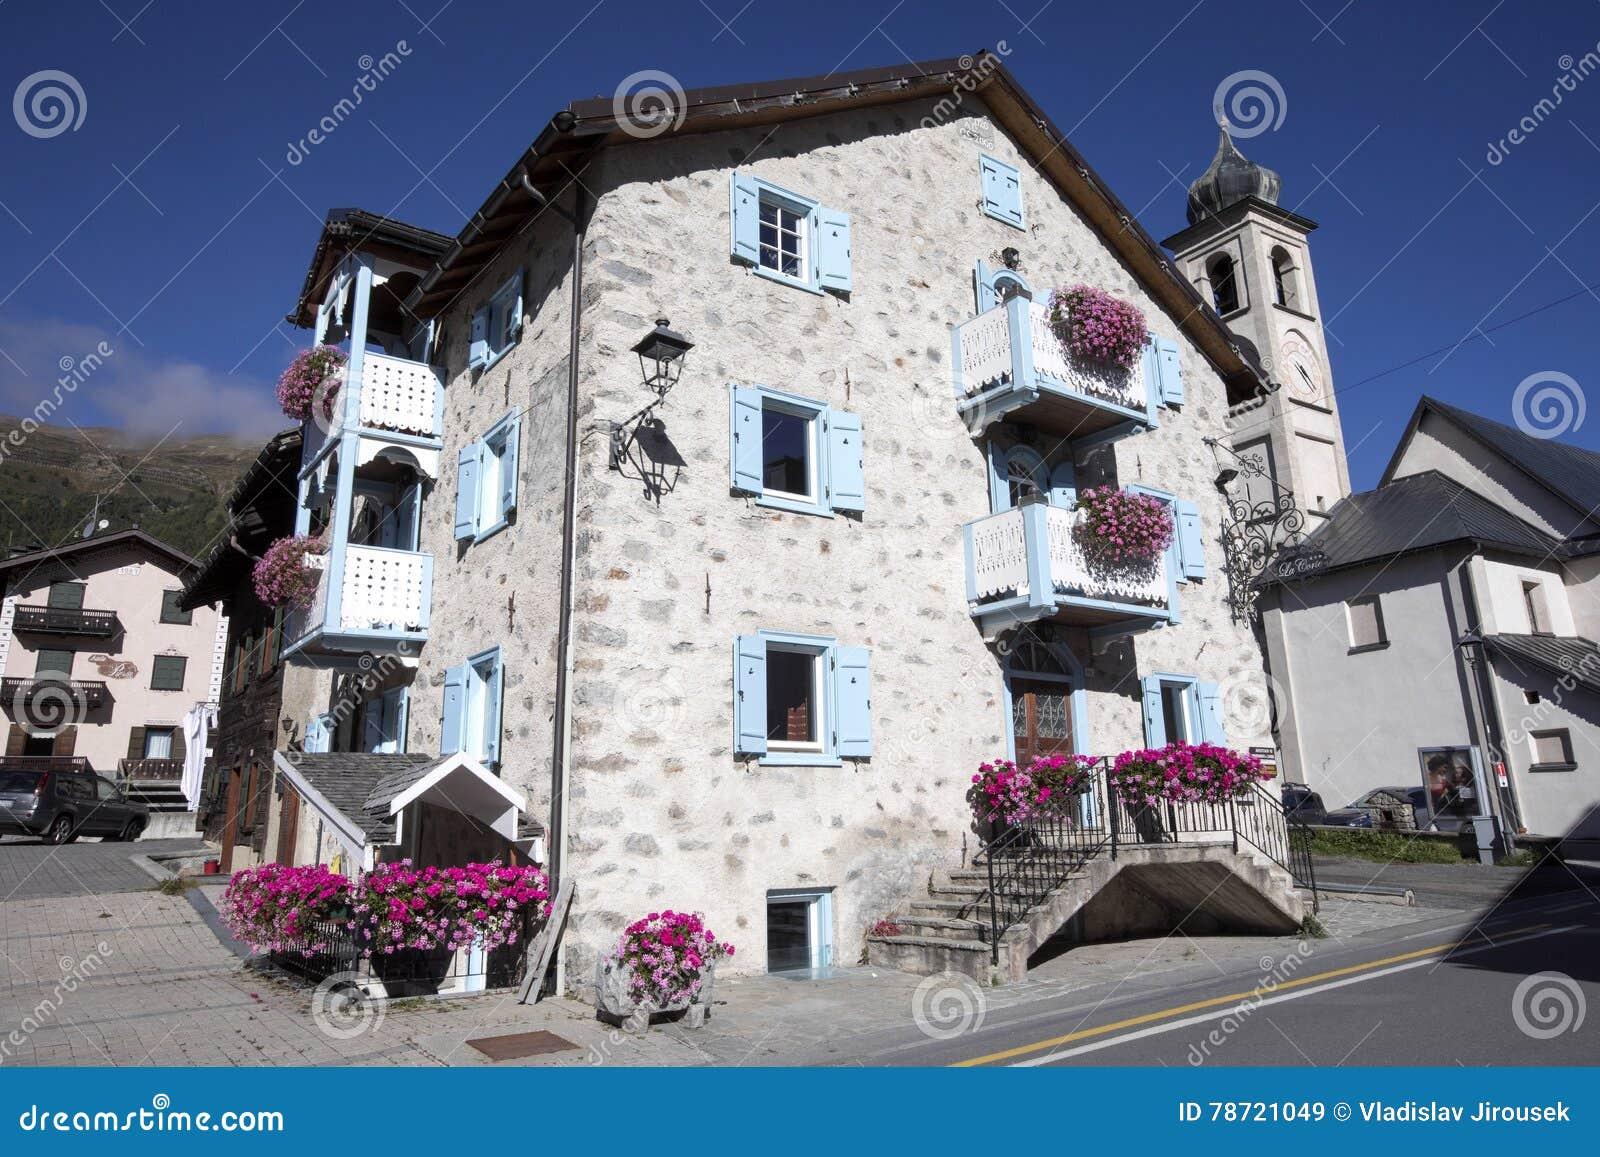 Casas de piedra t picas de la monta a monta as italianas - La casa de las piedras ...